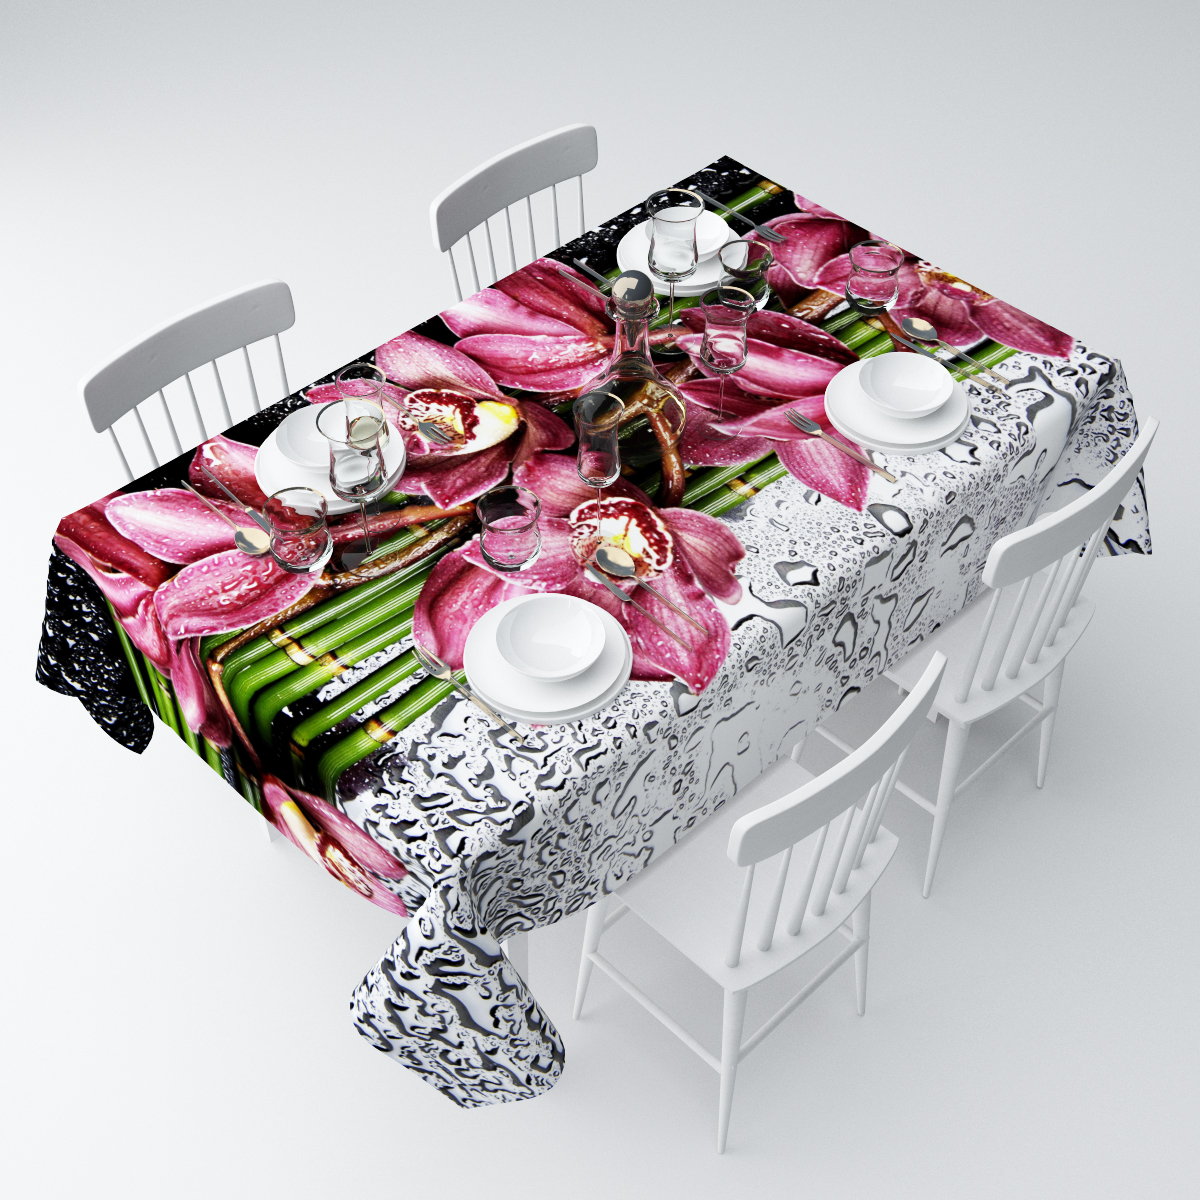 Скатерть Сирень Распустившаяся орхидея, прямоугольная, 145 х 120 смСКГБ003-03849Прямоугольная скатерть Сирень Распустившаяся орхидея, выполненная из габардина с ярким рисунком, преобразит вашу кухню, визуально расширит пространство, создаст атмосферу радости и комфорта. Рекомендации по уходу: стирка при 30 градусах, гладить при температуре до 110 градусов.Размер скатерти: 145 х 120 см. Изображение может немного отличаться от реального.